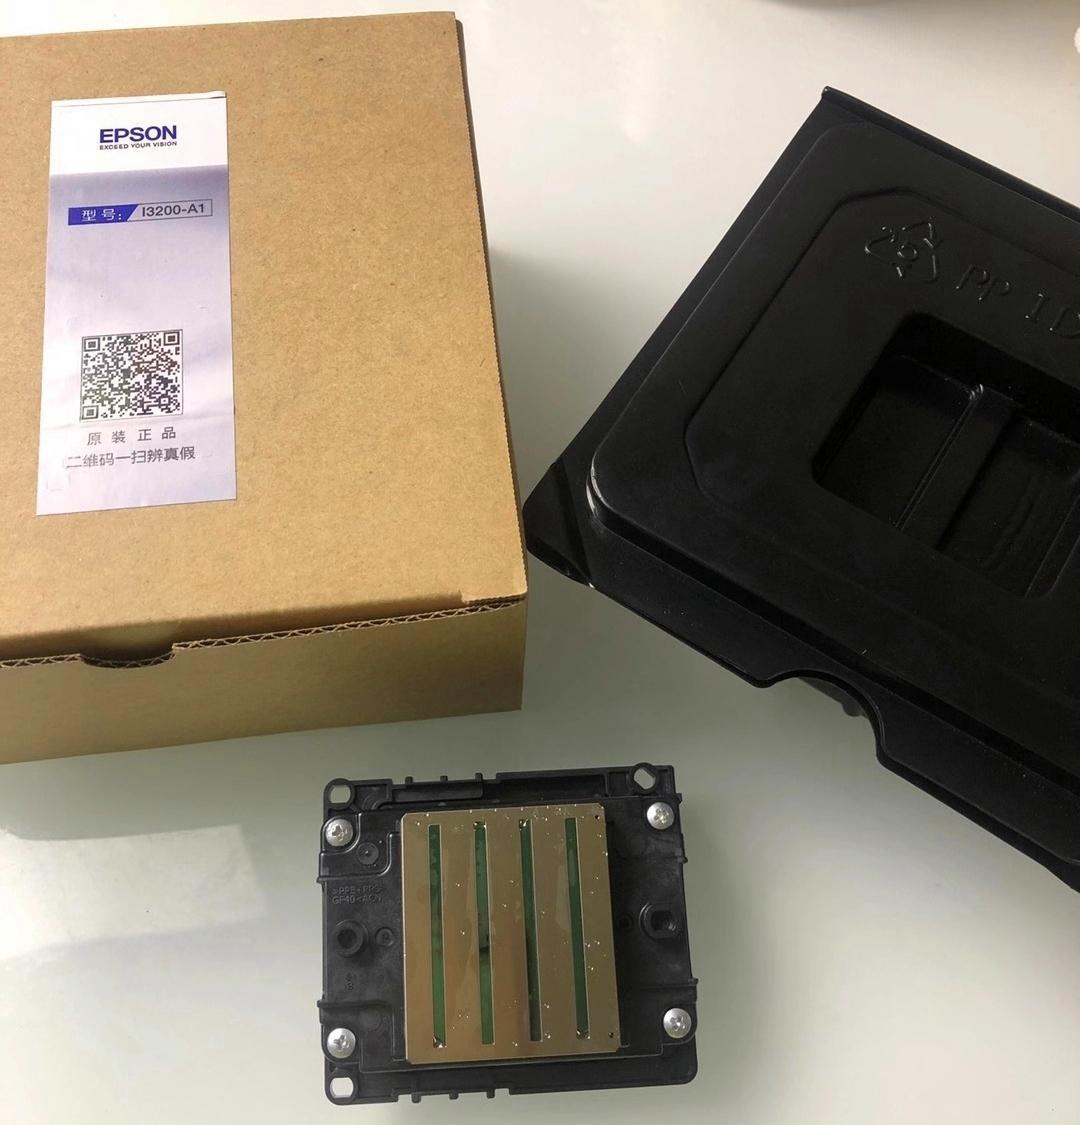 Epson i3200-a1 piezoelectric photo printer nozzle 1